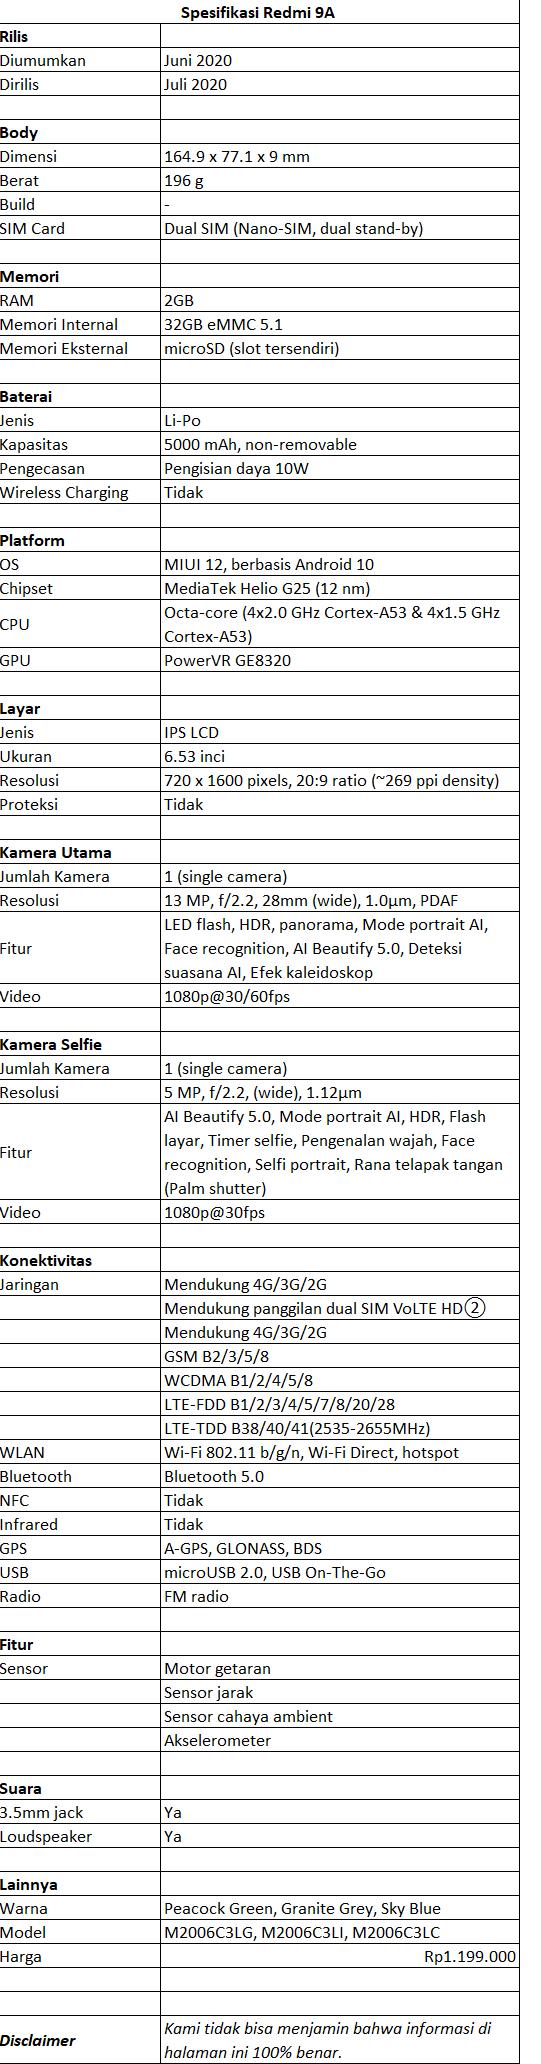 spesifikasi redmi 9a